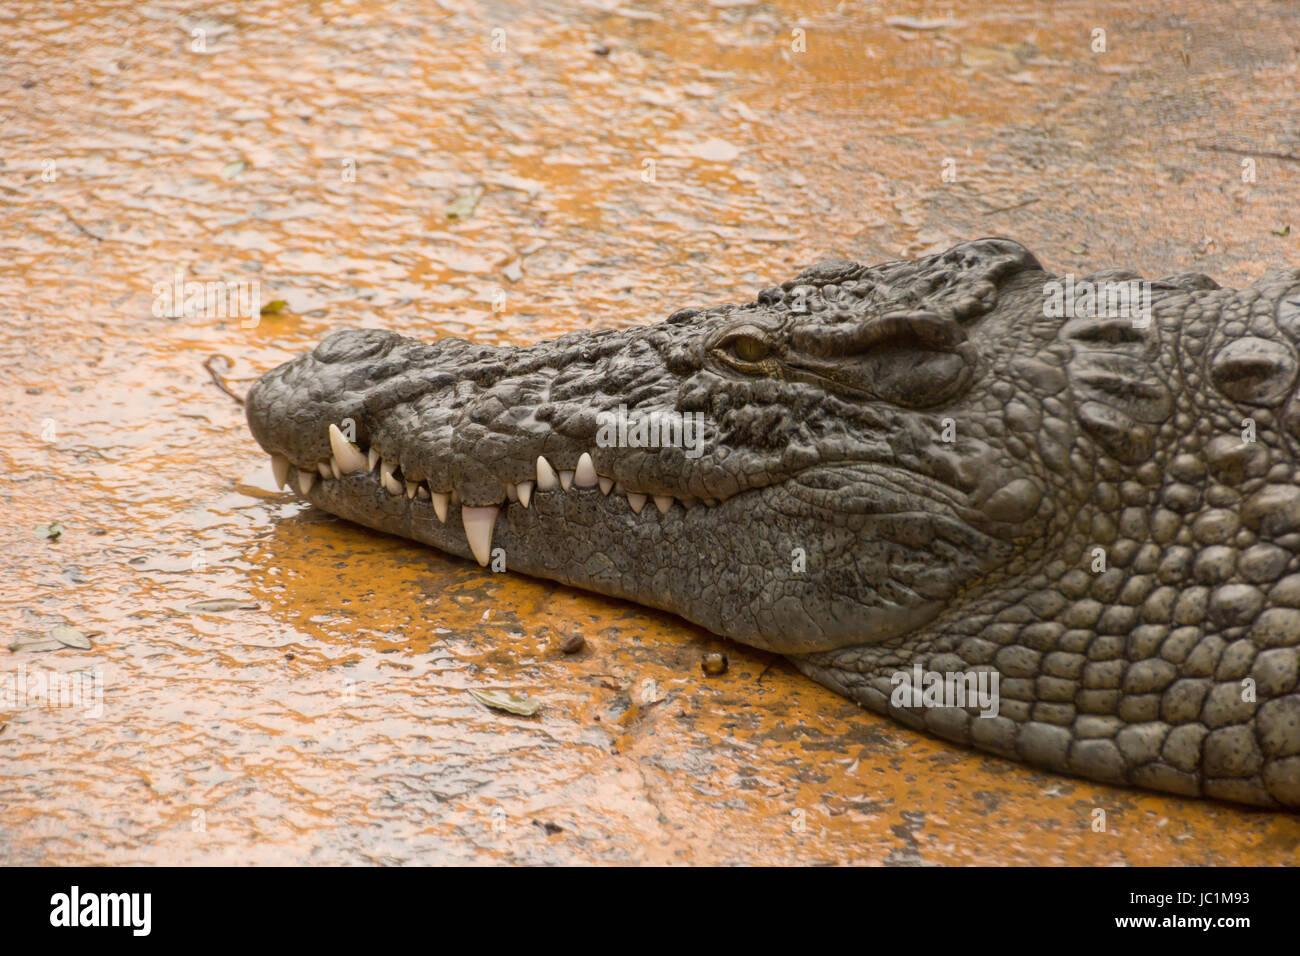 crocodile - Stock Image